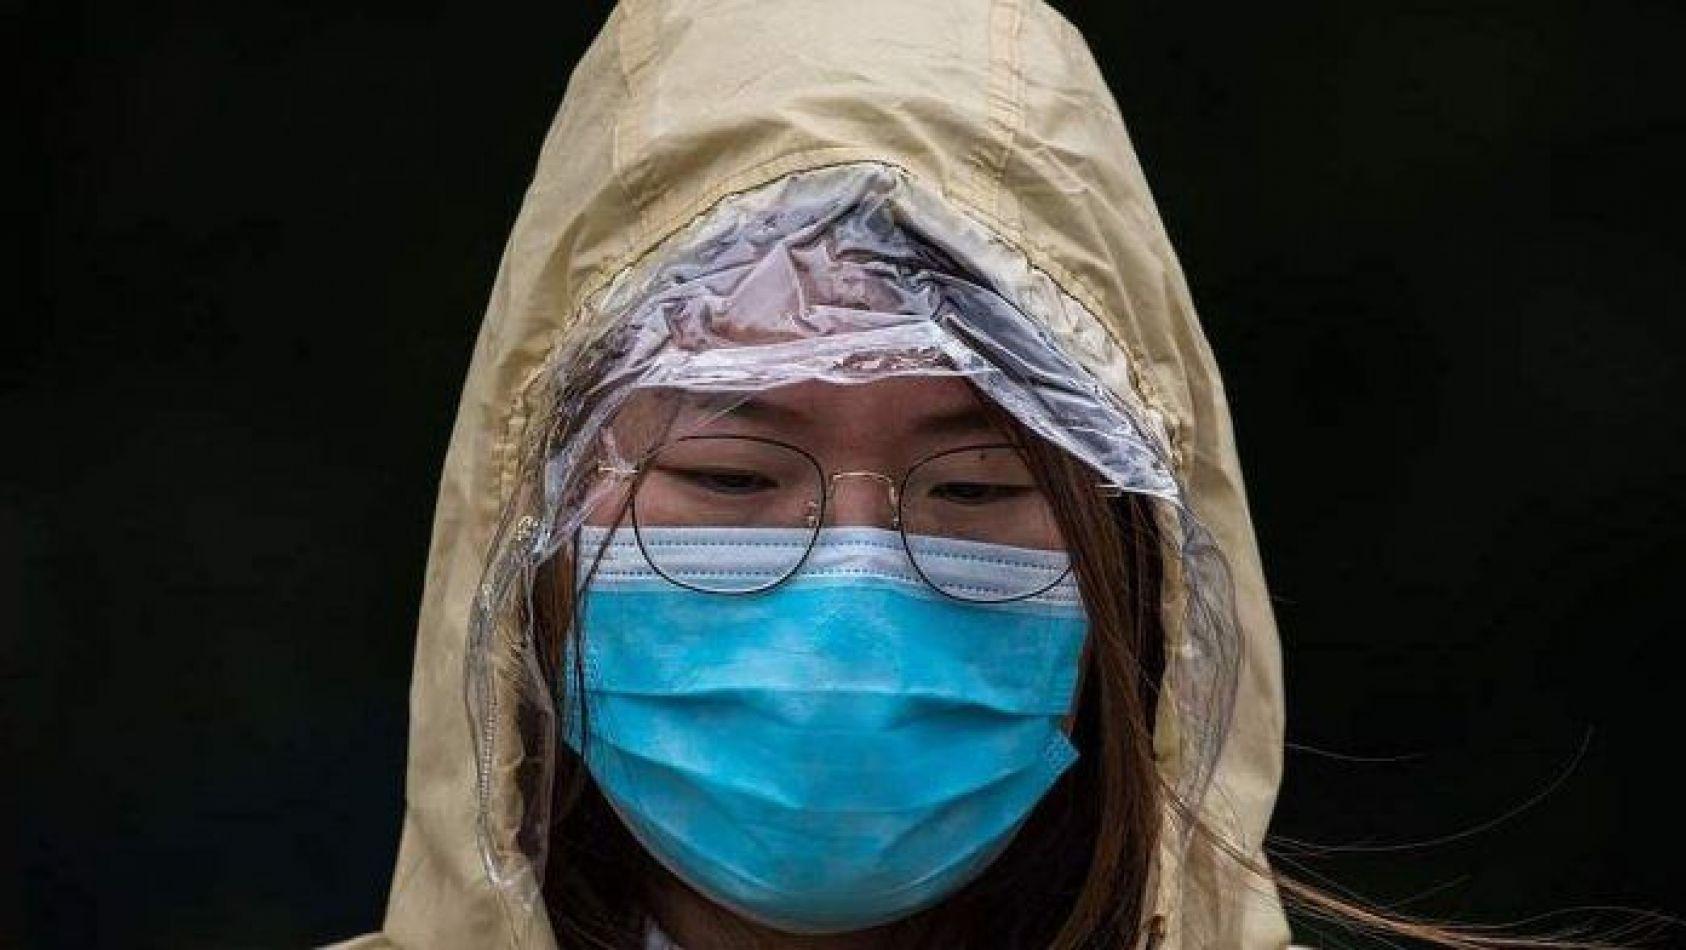 La Sociedad Argentina de Infectología desaconsejó el uso de barbijos para prevenir el coronavirus